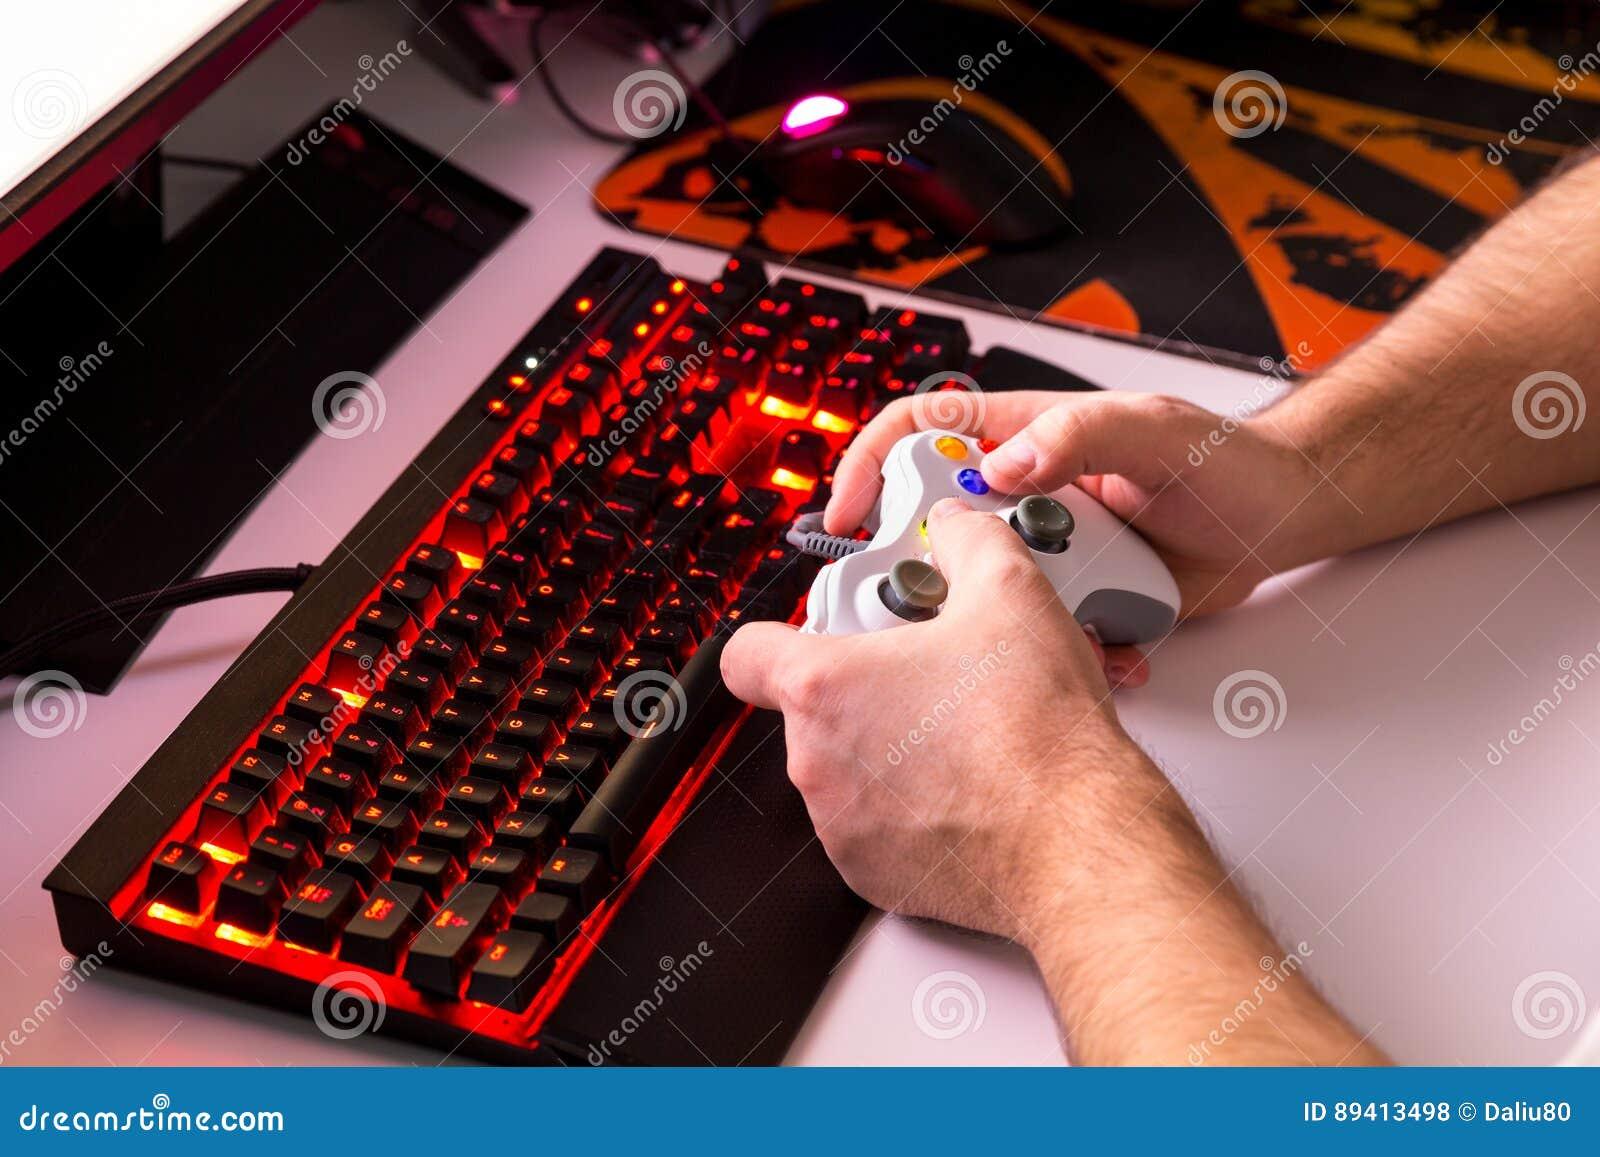 Equipe o jogo do jogo de computador no desktop feito-à-medida com joypad, KE